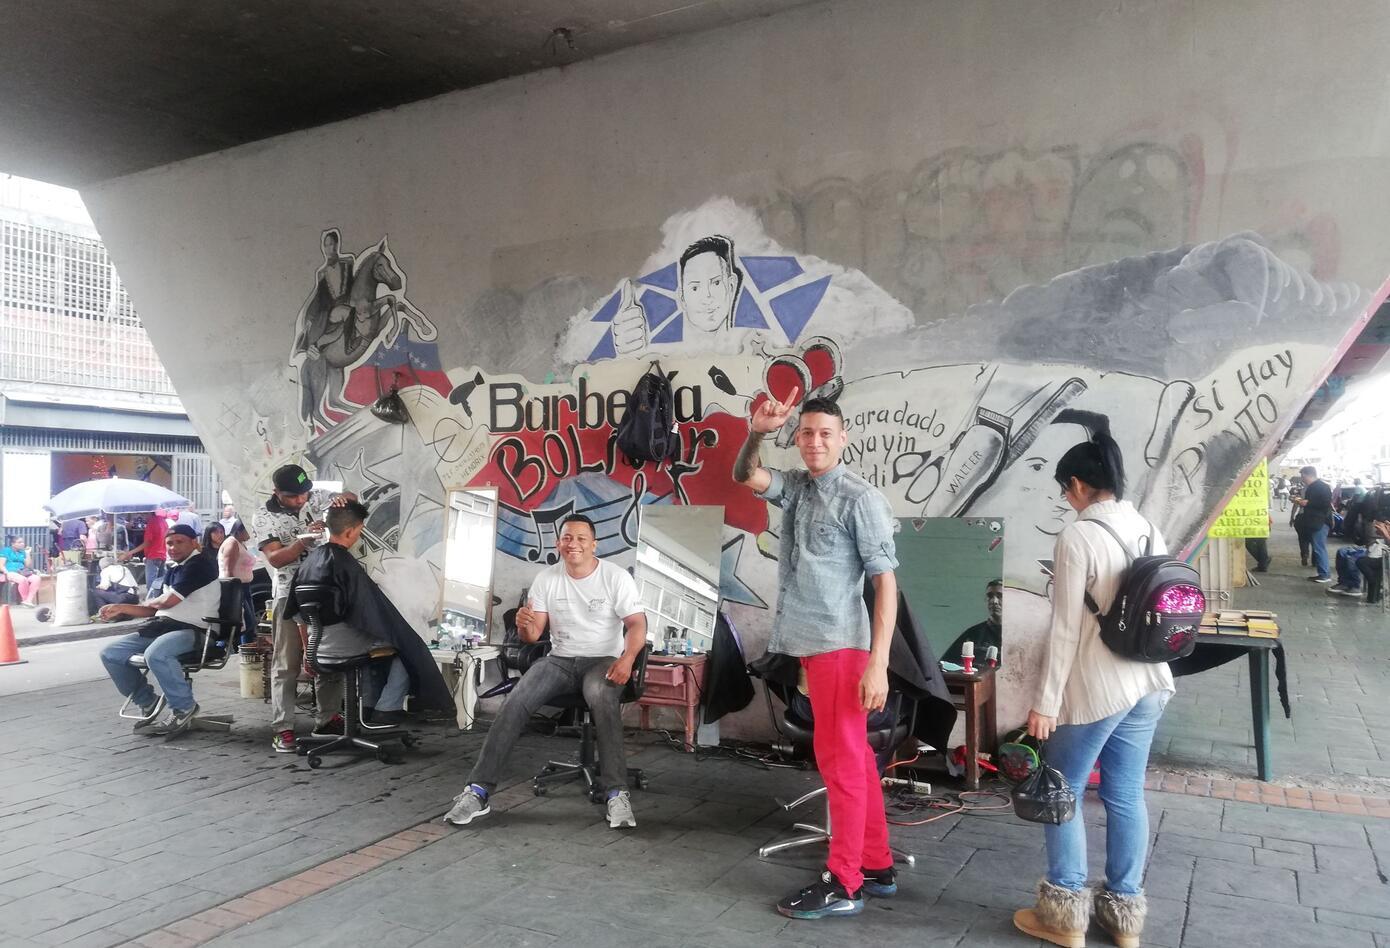 La Barbería Bolívar también funciona en pleno centro de Caracas